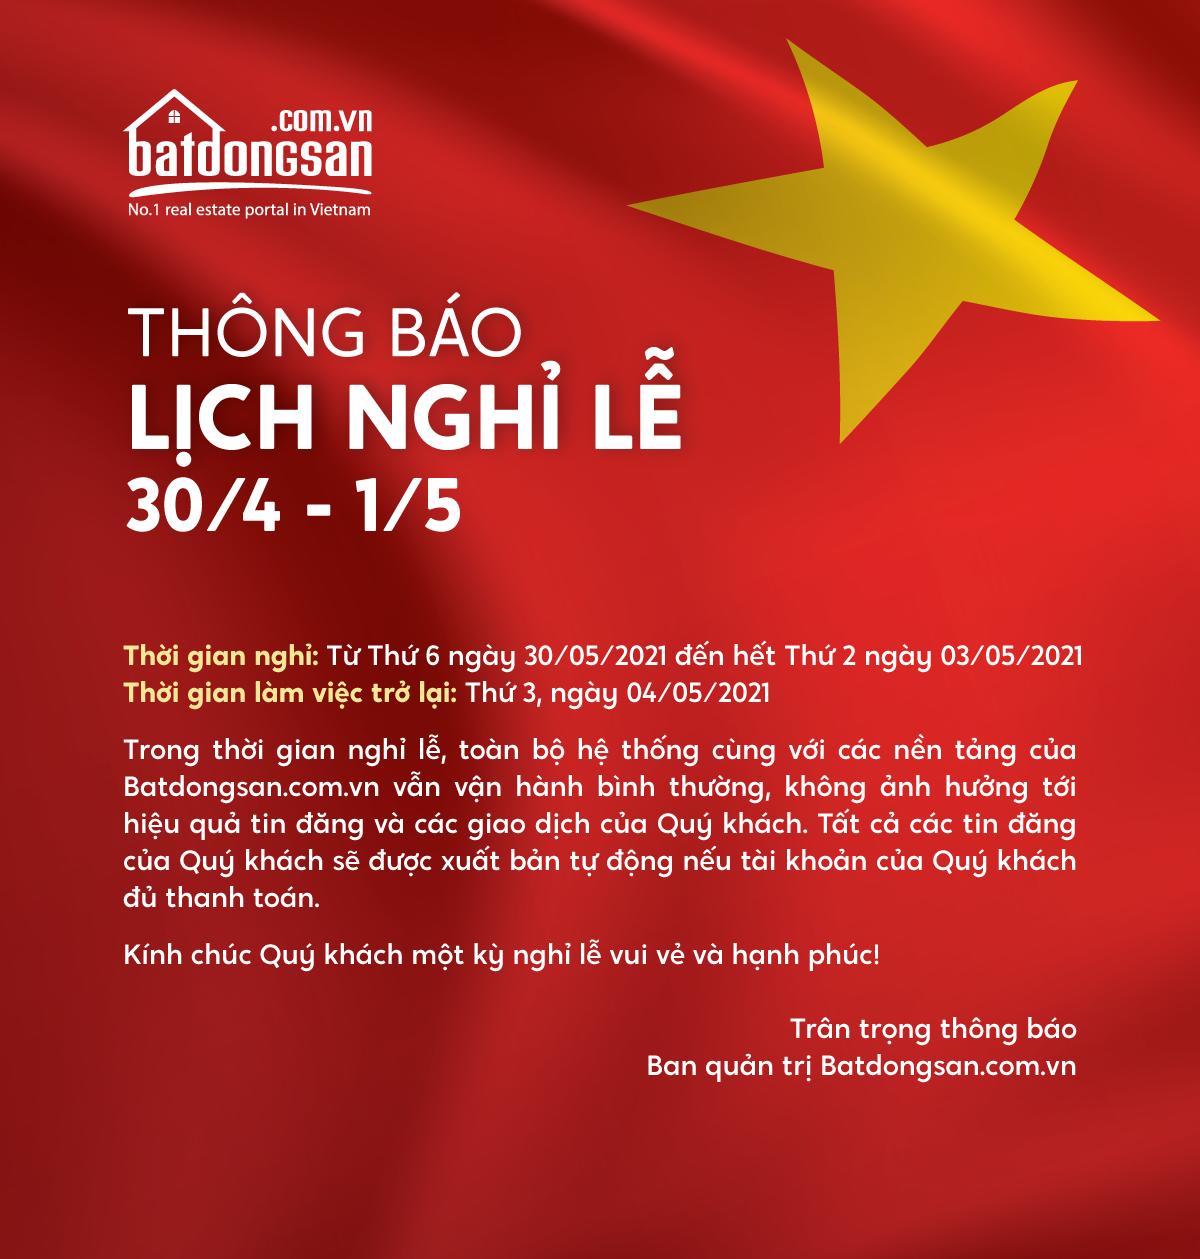 Thông báo nghỉ lễ 30/4 và 1/5/2021 của Batdongsan.com.vn